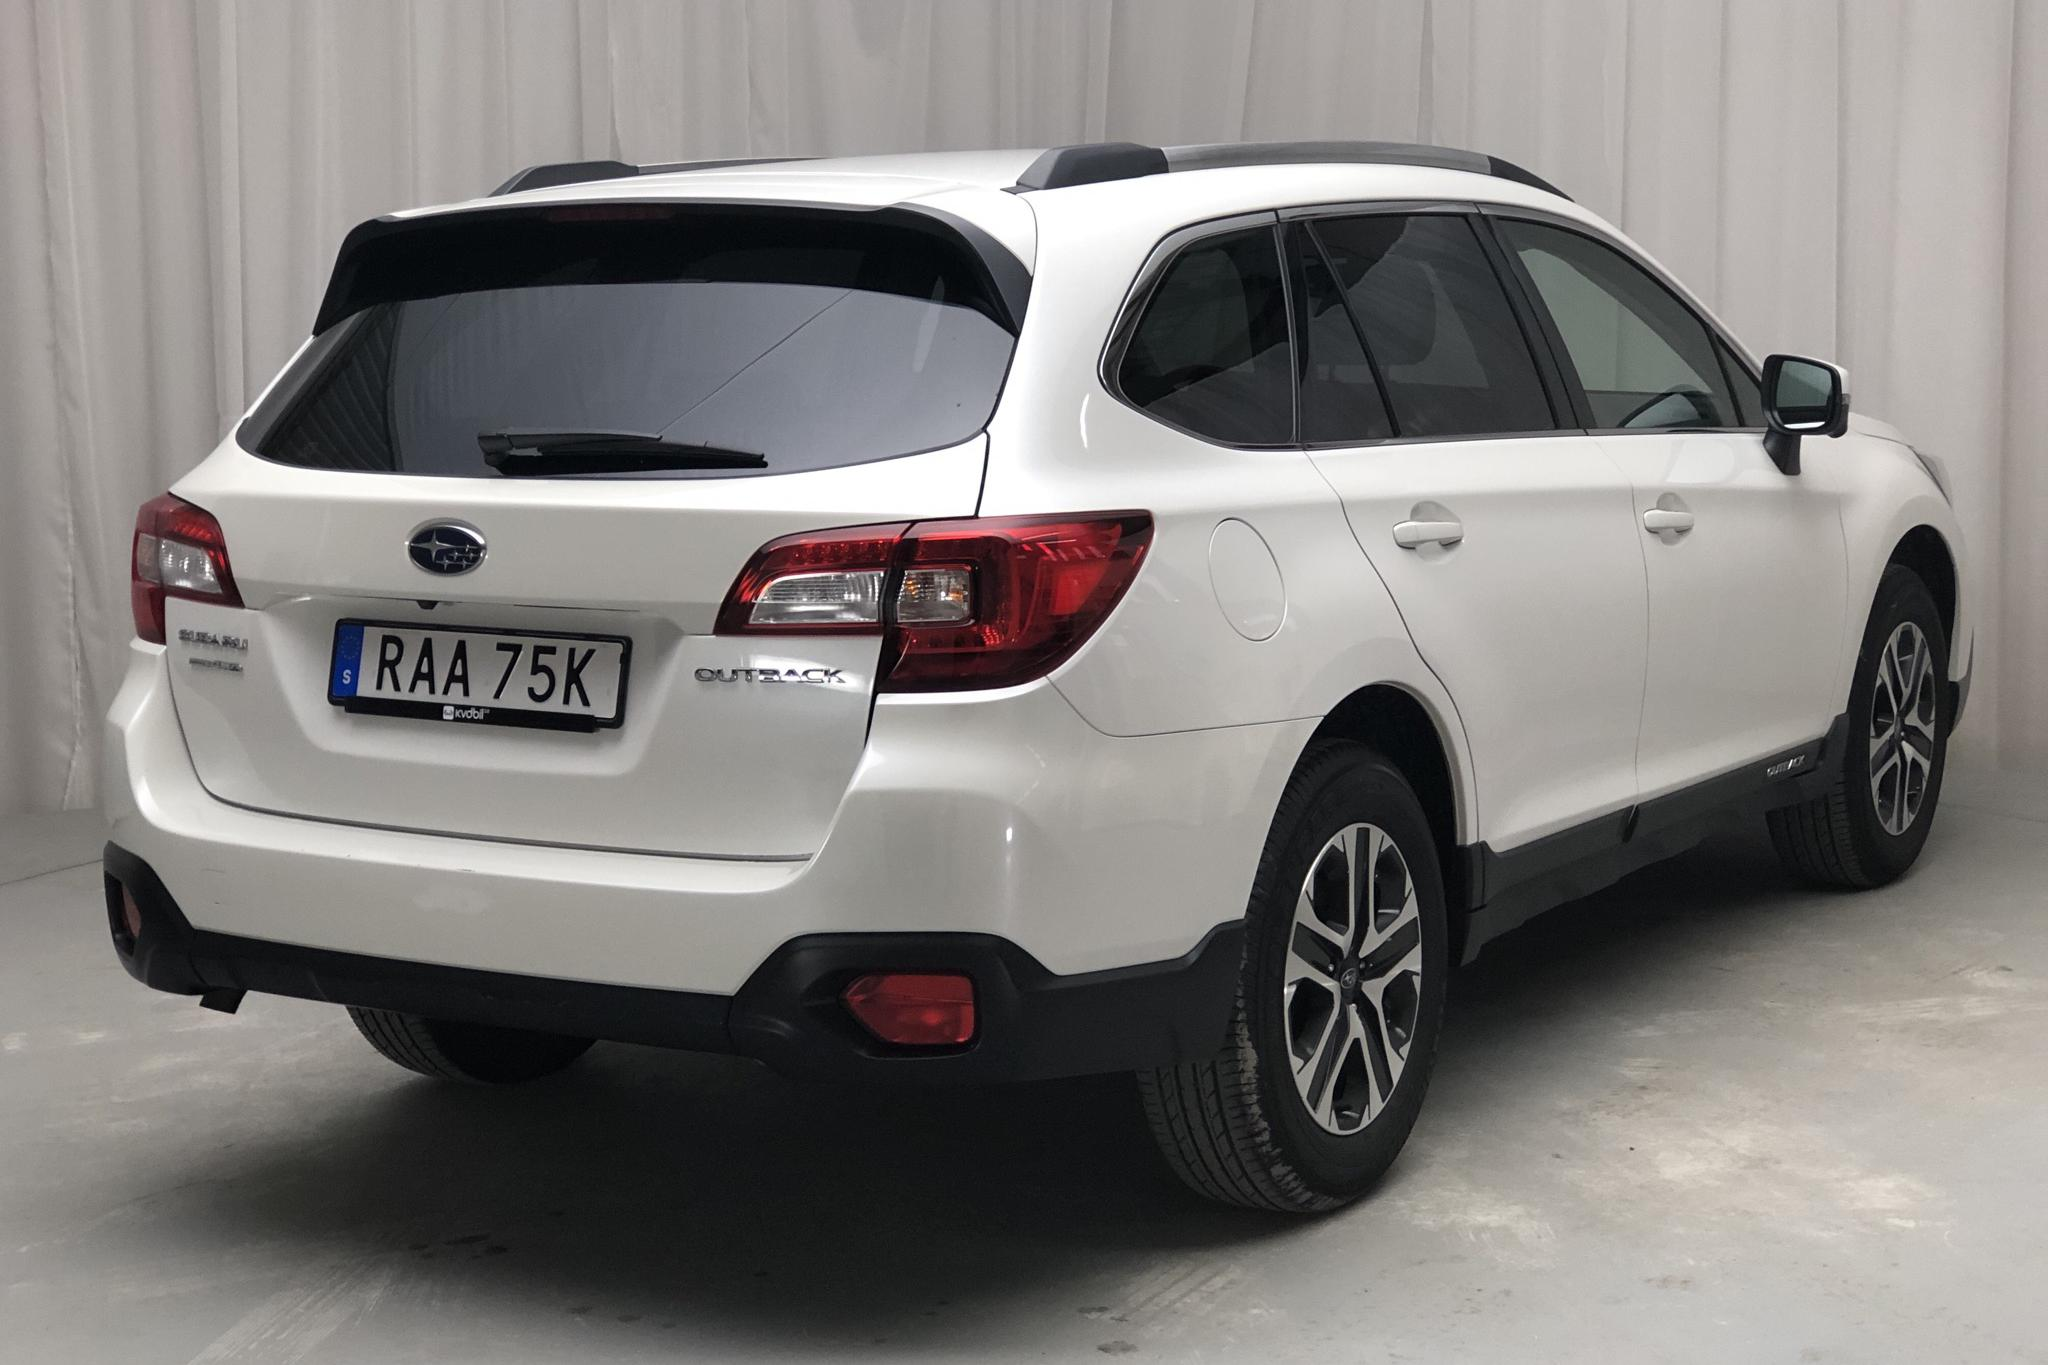 Subaru Outback 2.5i 4WD (173hk) - 39 280 km - Automatic - white - 2019